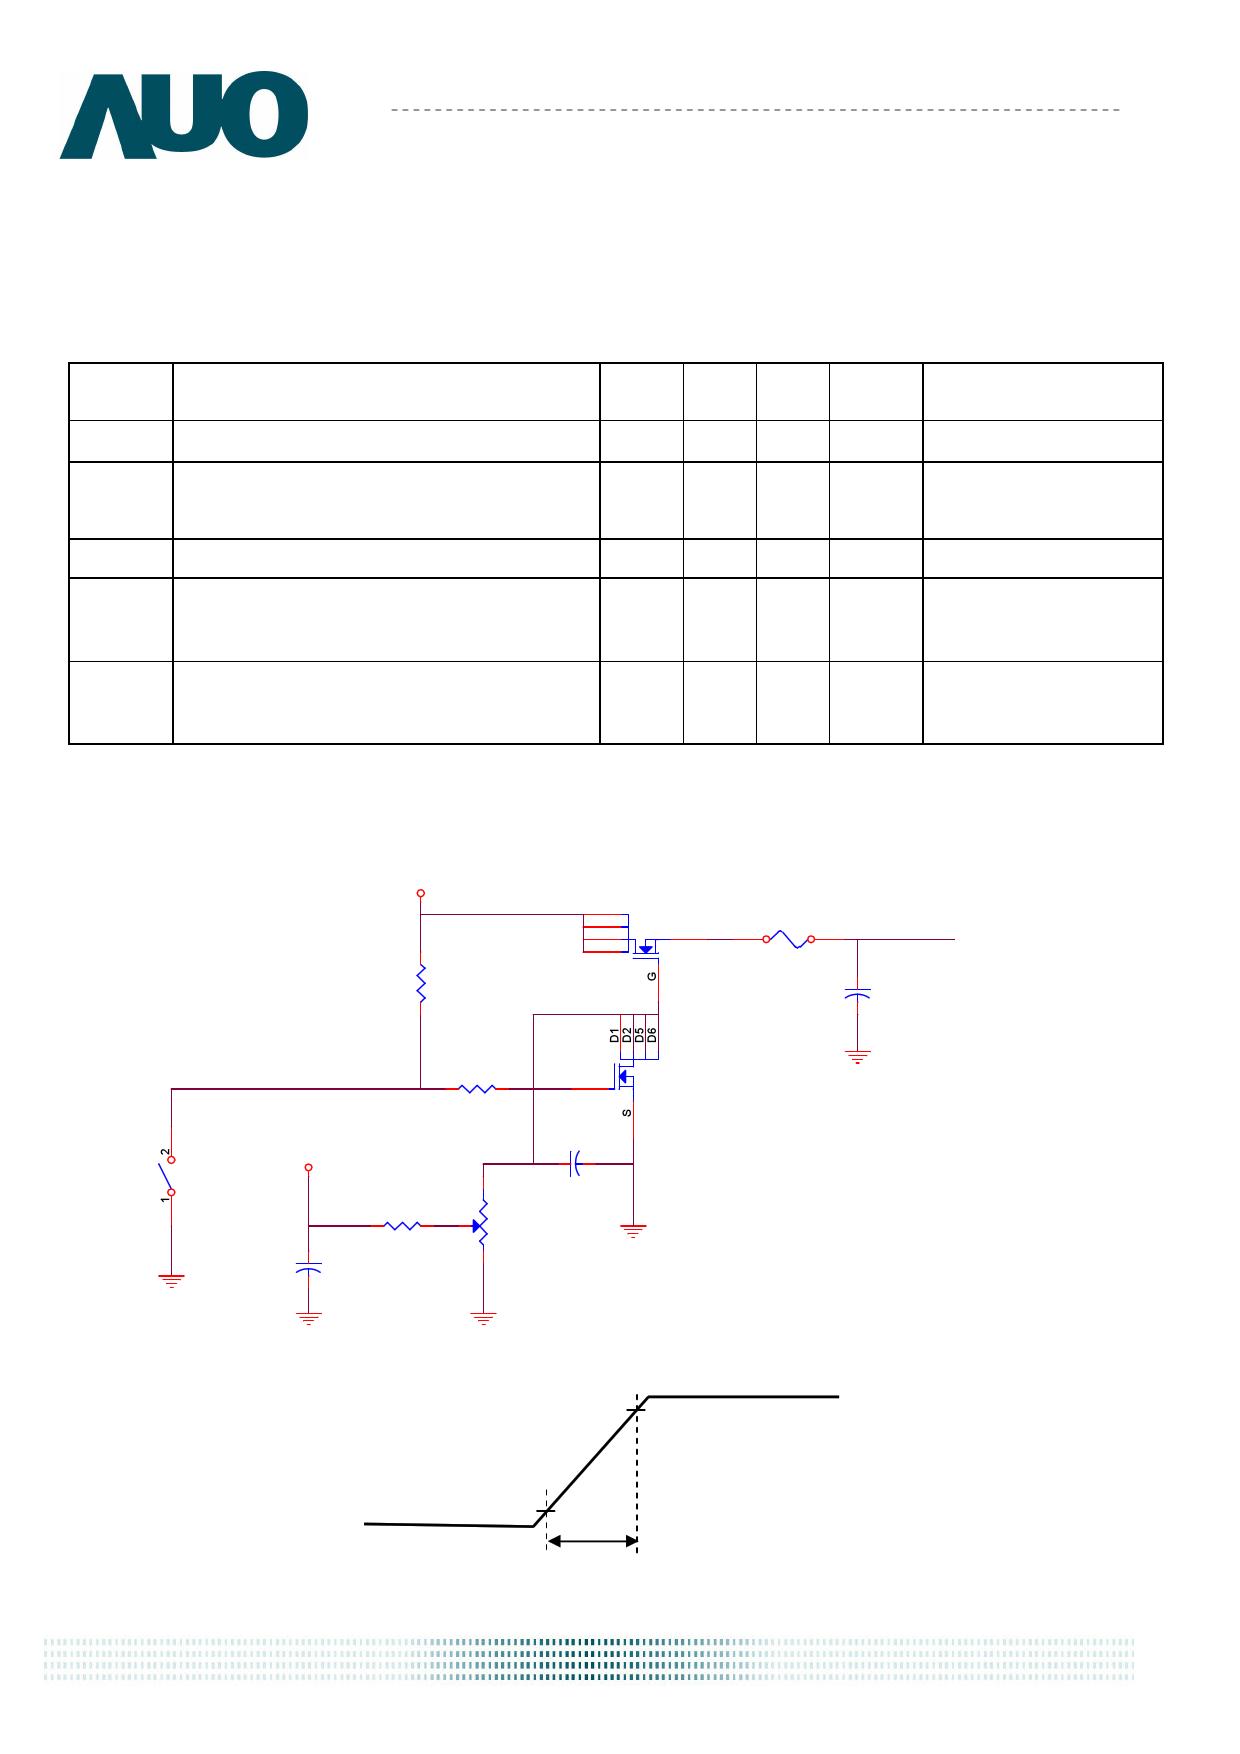 G057VN01_V1 arduino